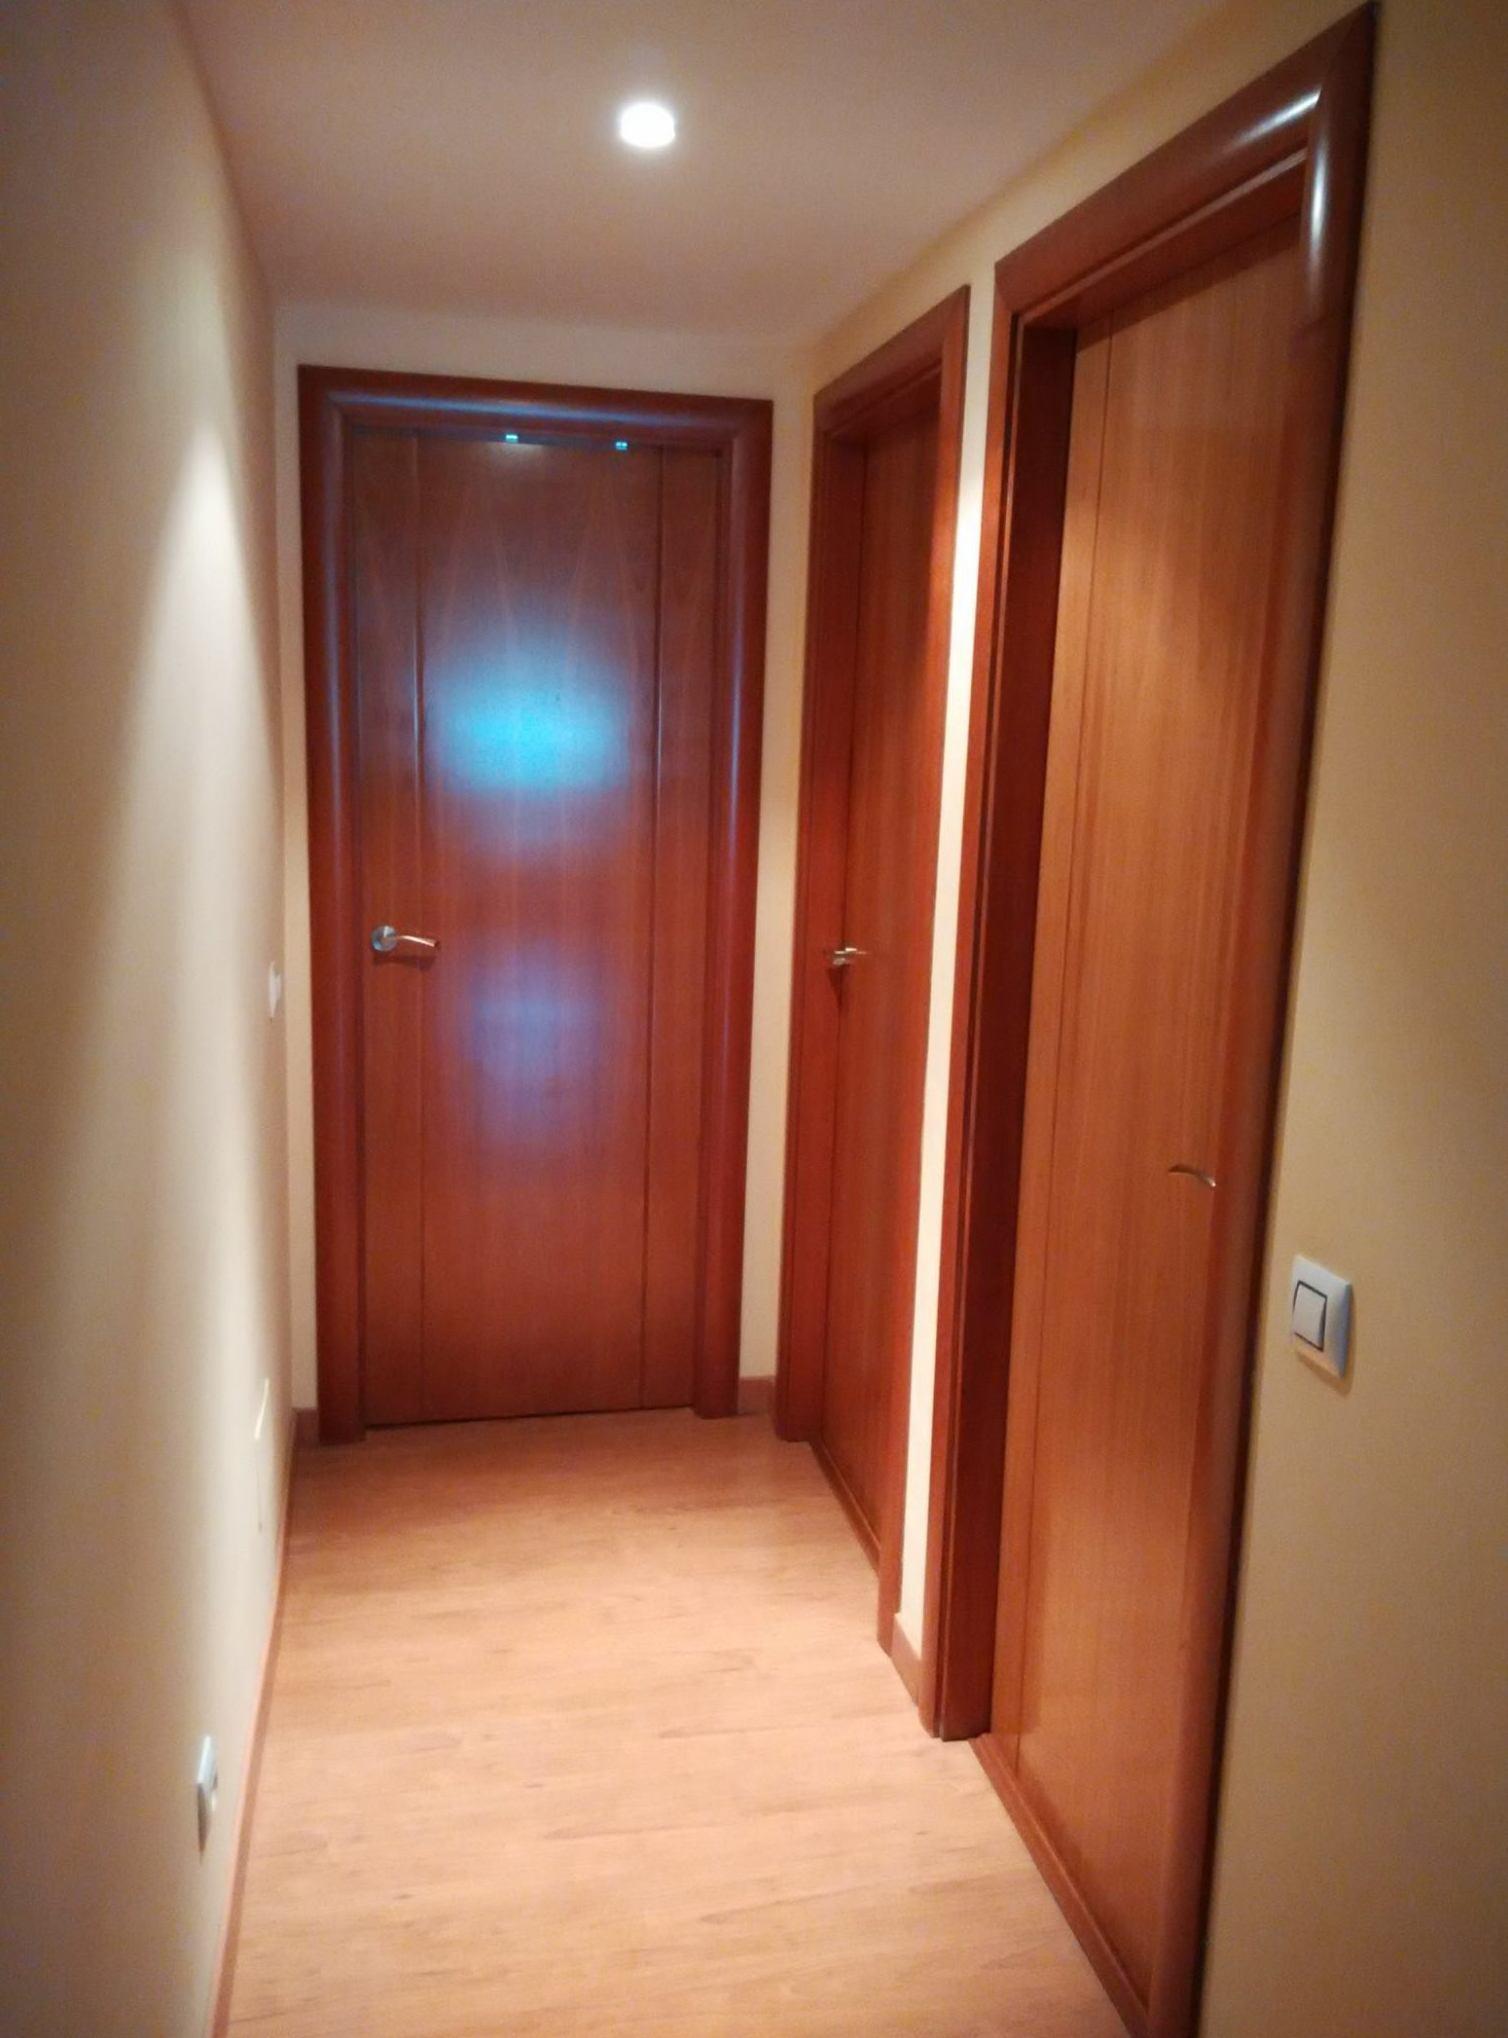 Nueva instalación, puertas de cerezo mod. 8200 de Proma